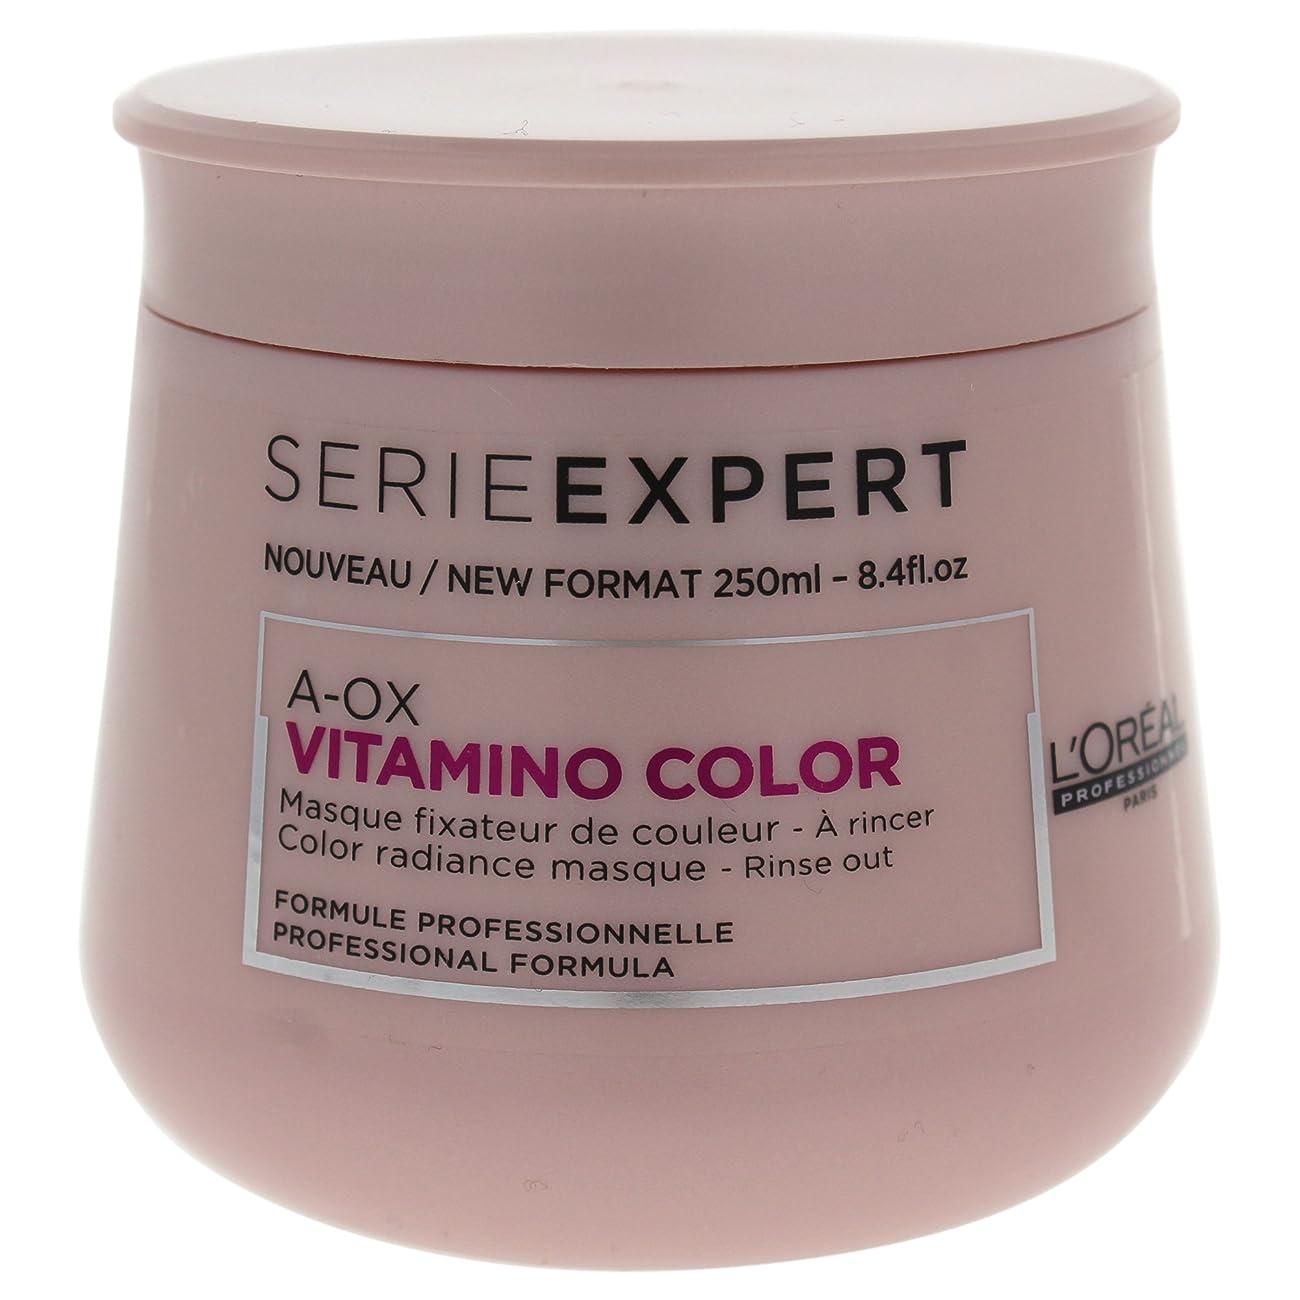 開始りんごテレビを見るL'Oreal Serie Expert A-OX VITAMINO COLOR Color Radiance Masque 250 ml [並行輸入品]